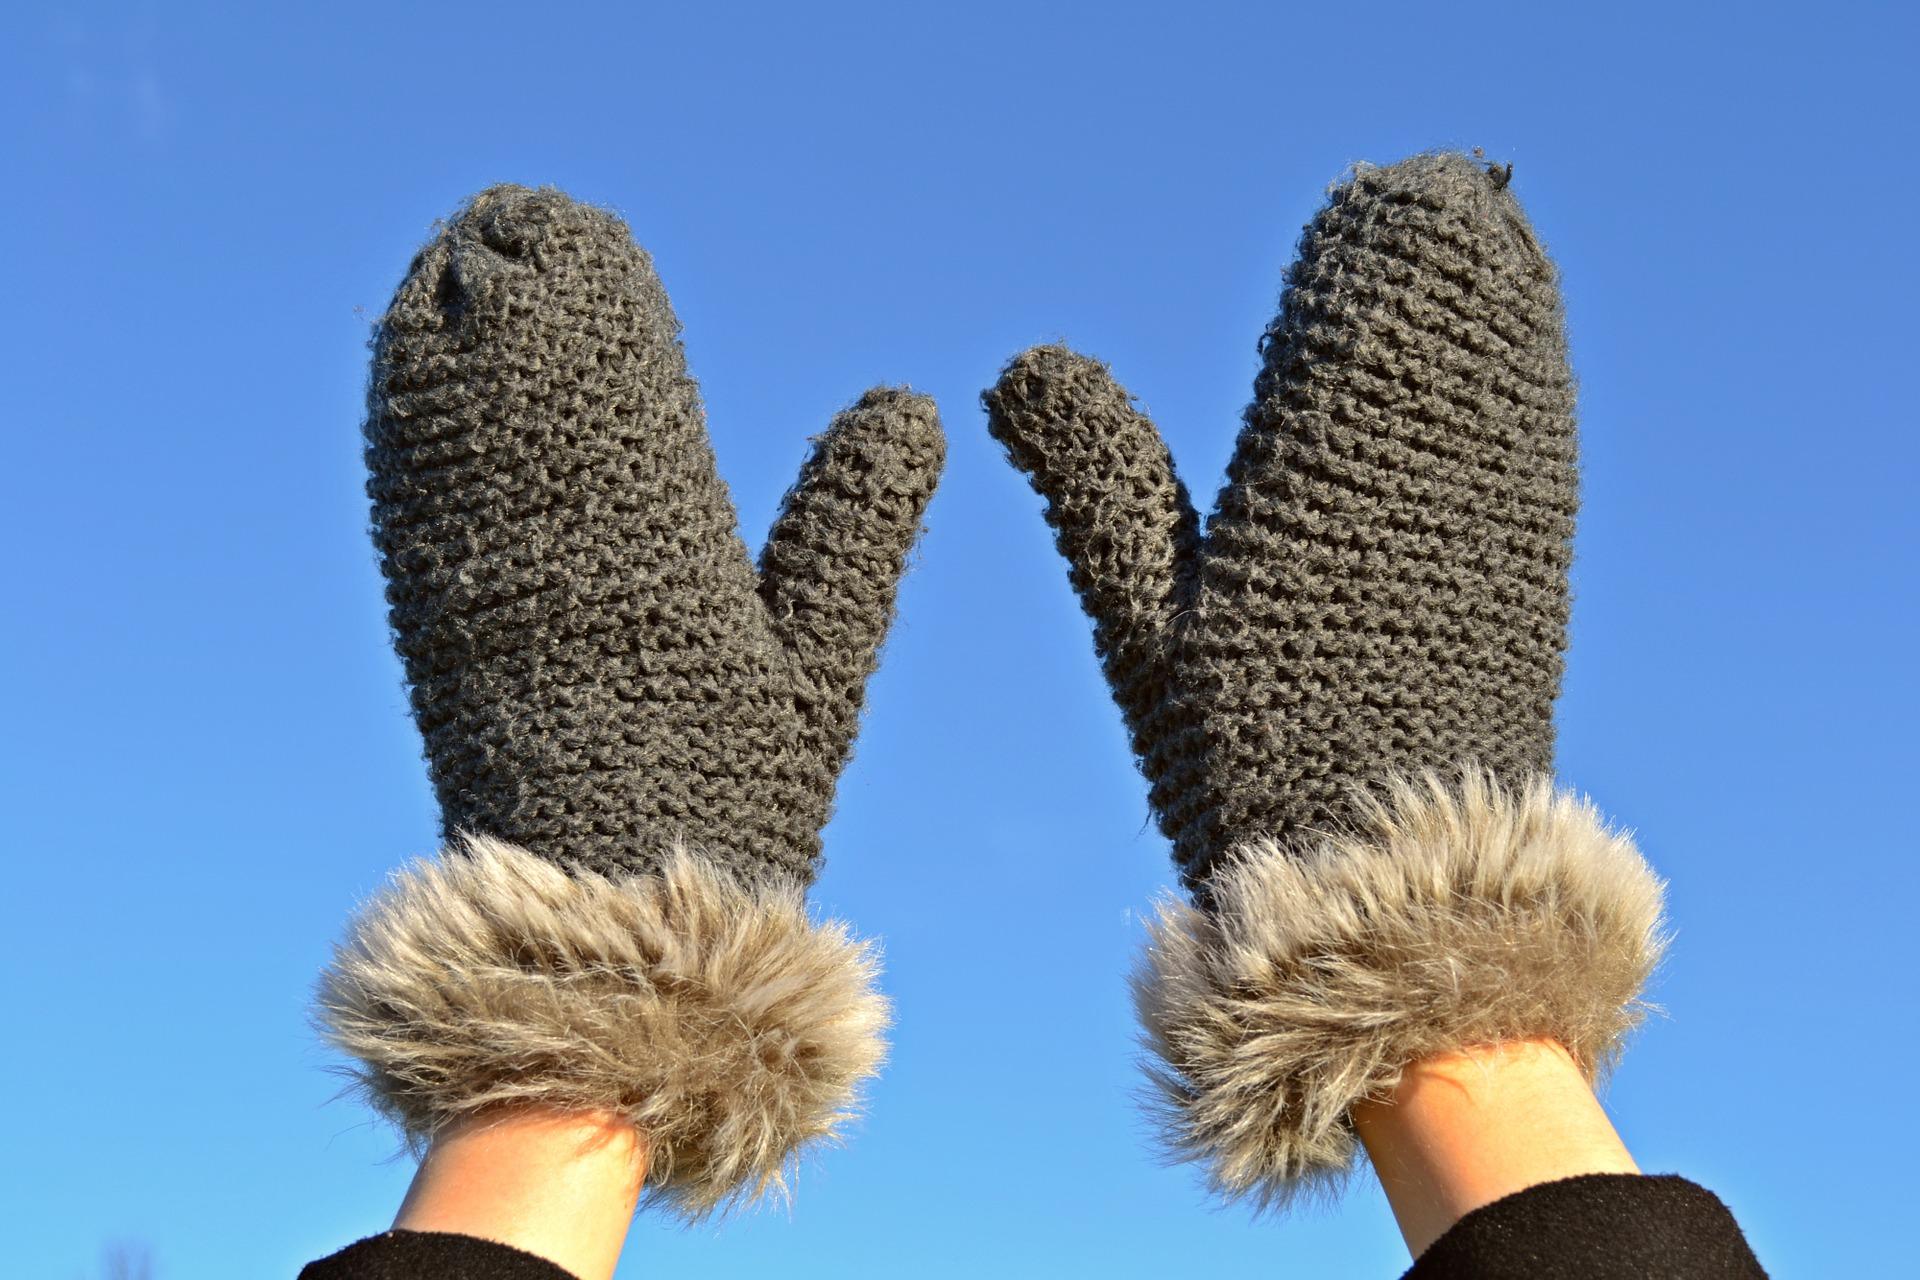 Eine Person hält die Hände in die Luft und trägt Handschuhe.